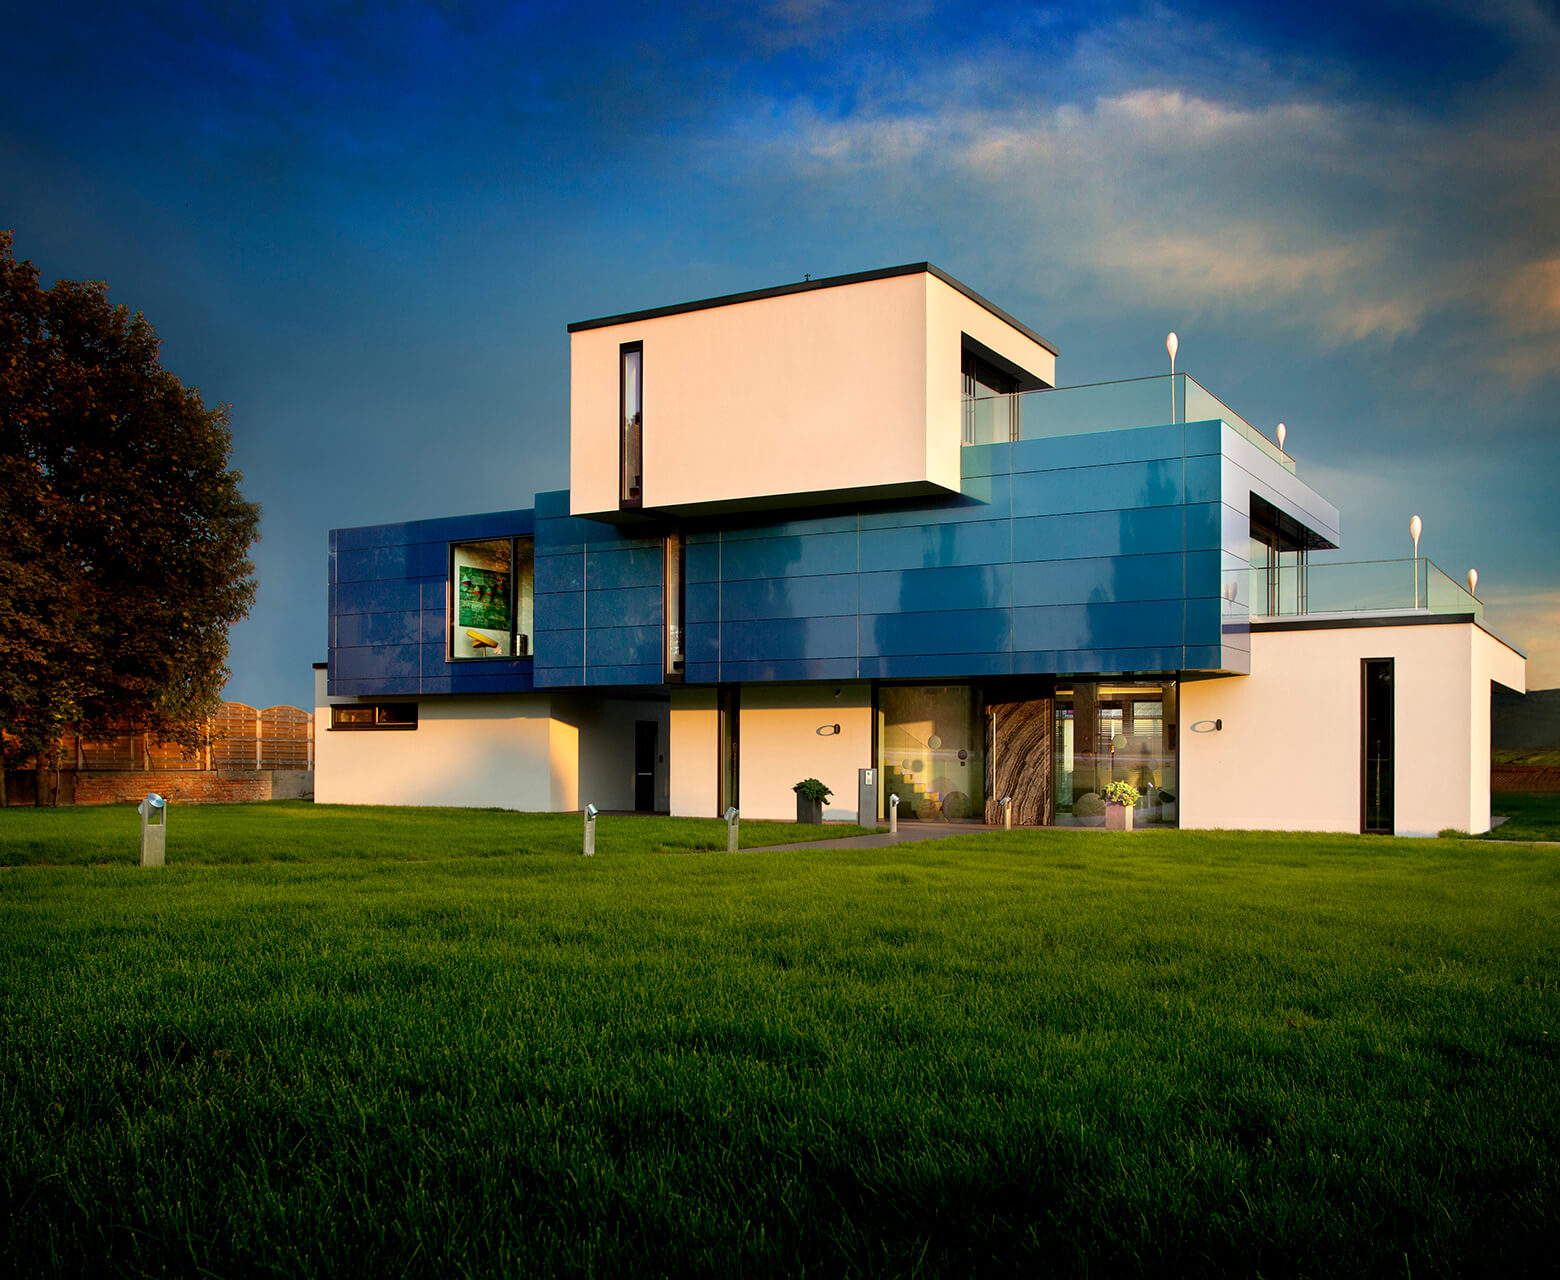 Das Musterhaus ein Haus zum Vorzeigen